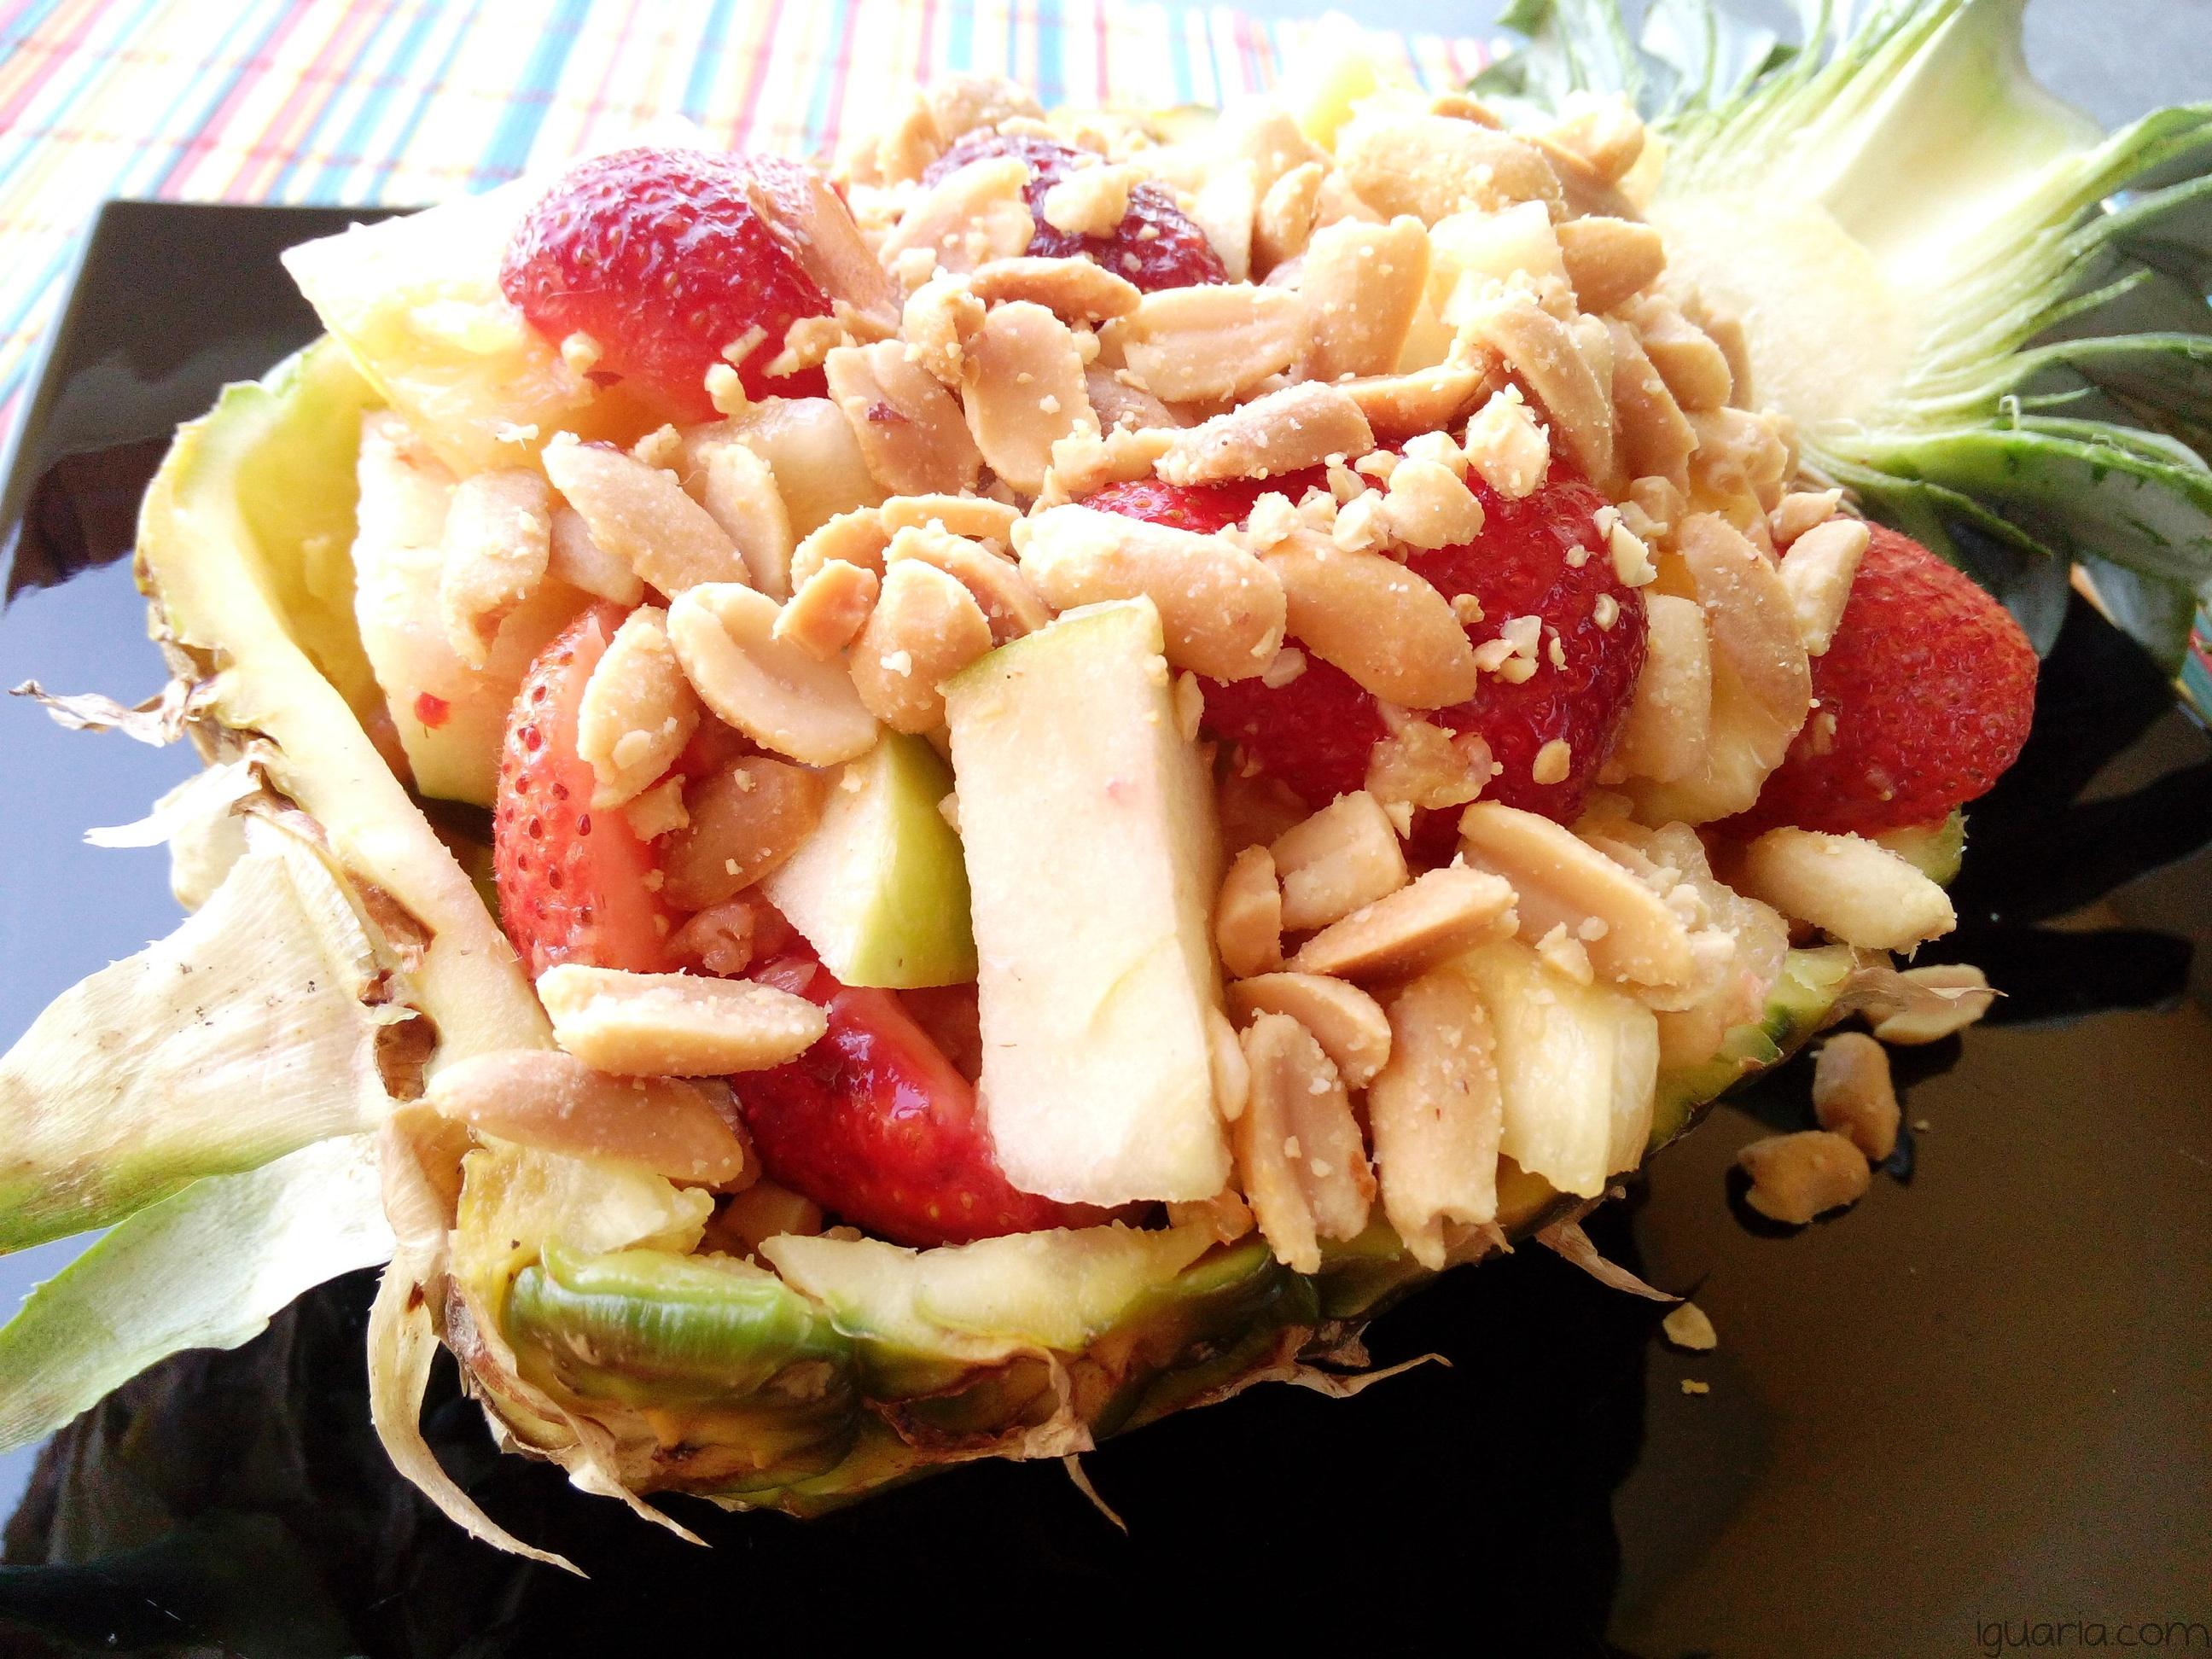 iguaria-salada-de-fruta-e-frutos-secos